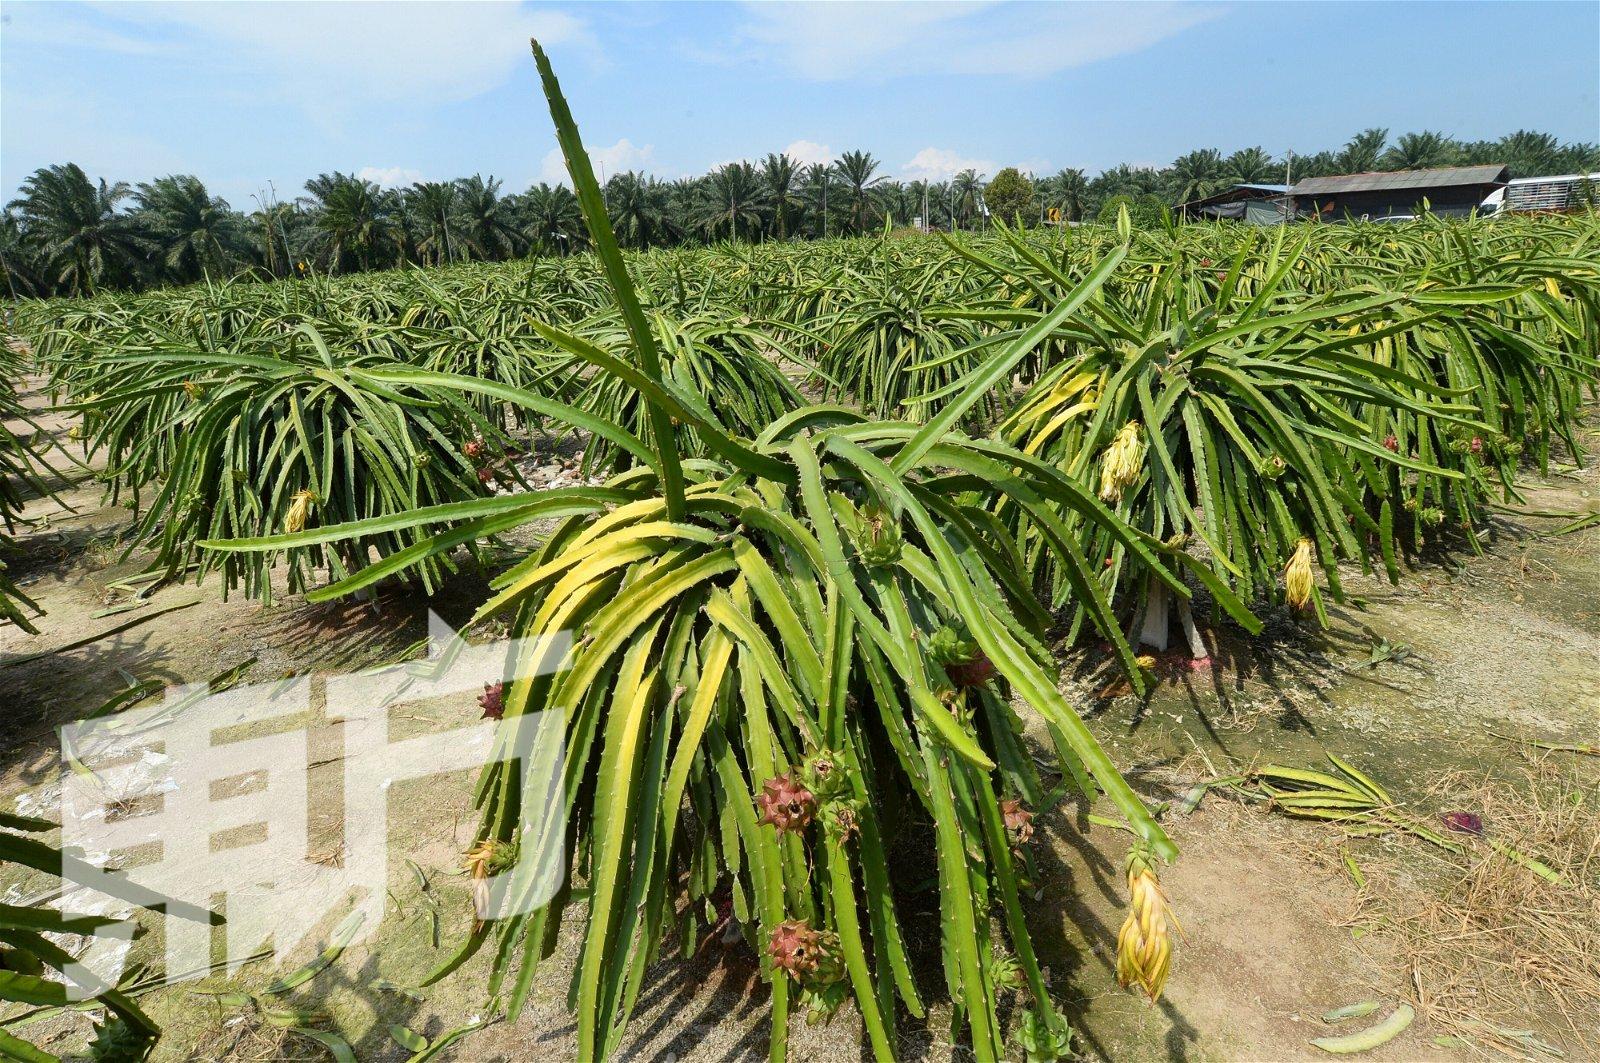 种植火龙果非常讲究气候,碰上雨季或大热天,都会影响火龙果的收成。(摄影:陈启新)